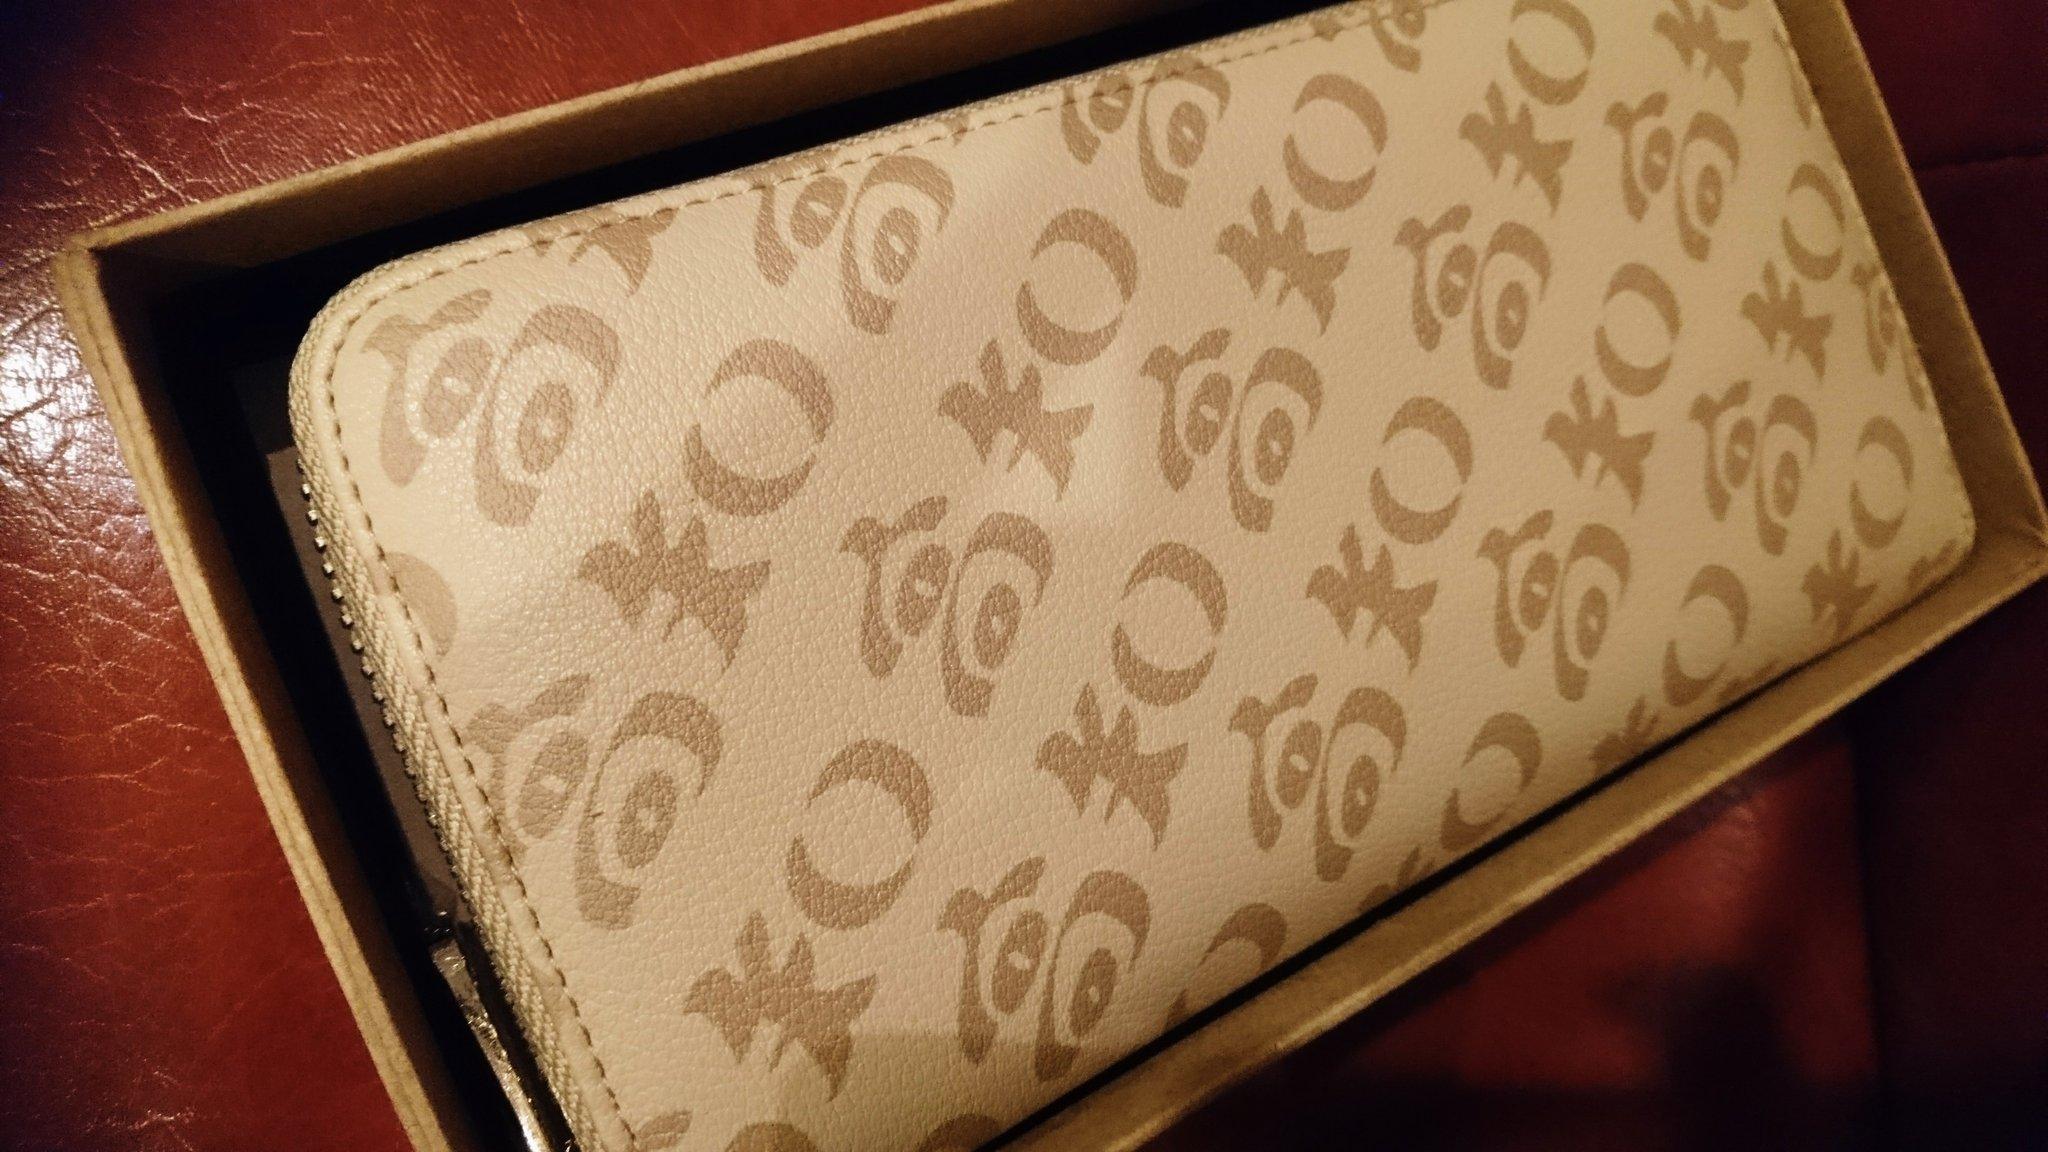 コーチの財布。SNSで見て思わず購入してしまいました 高知。最高です。みなさんどうですか? #高知の財布